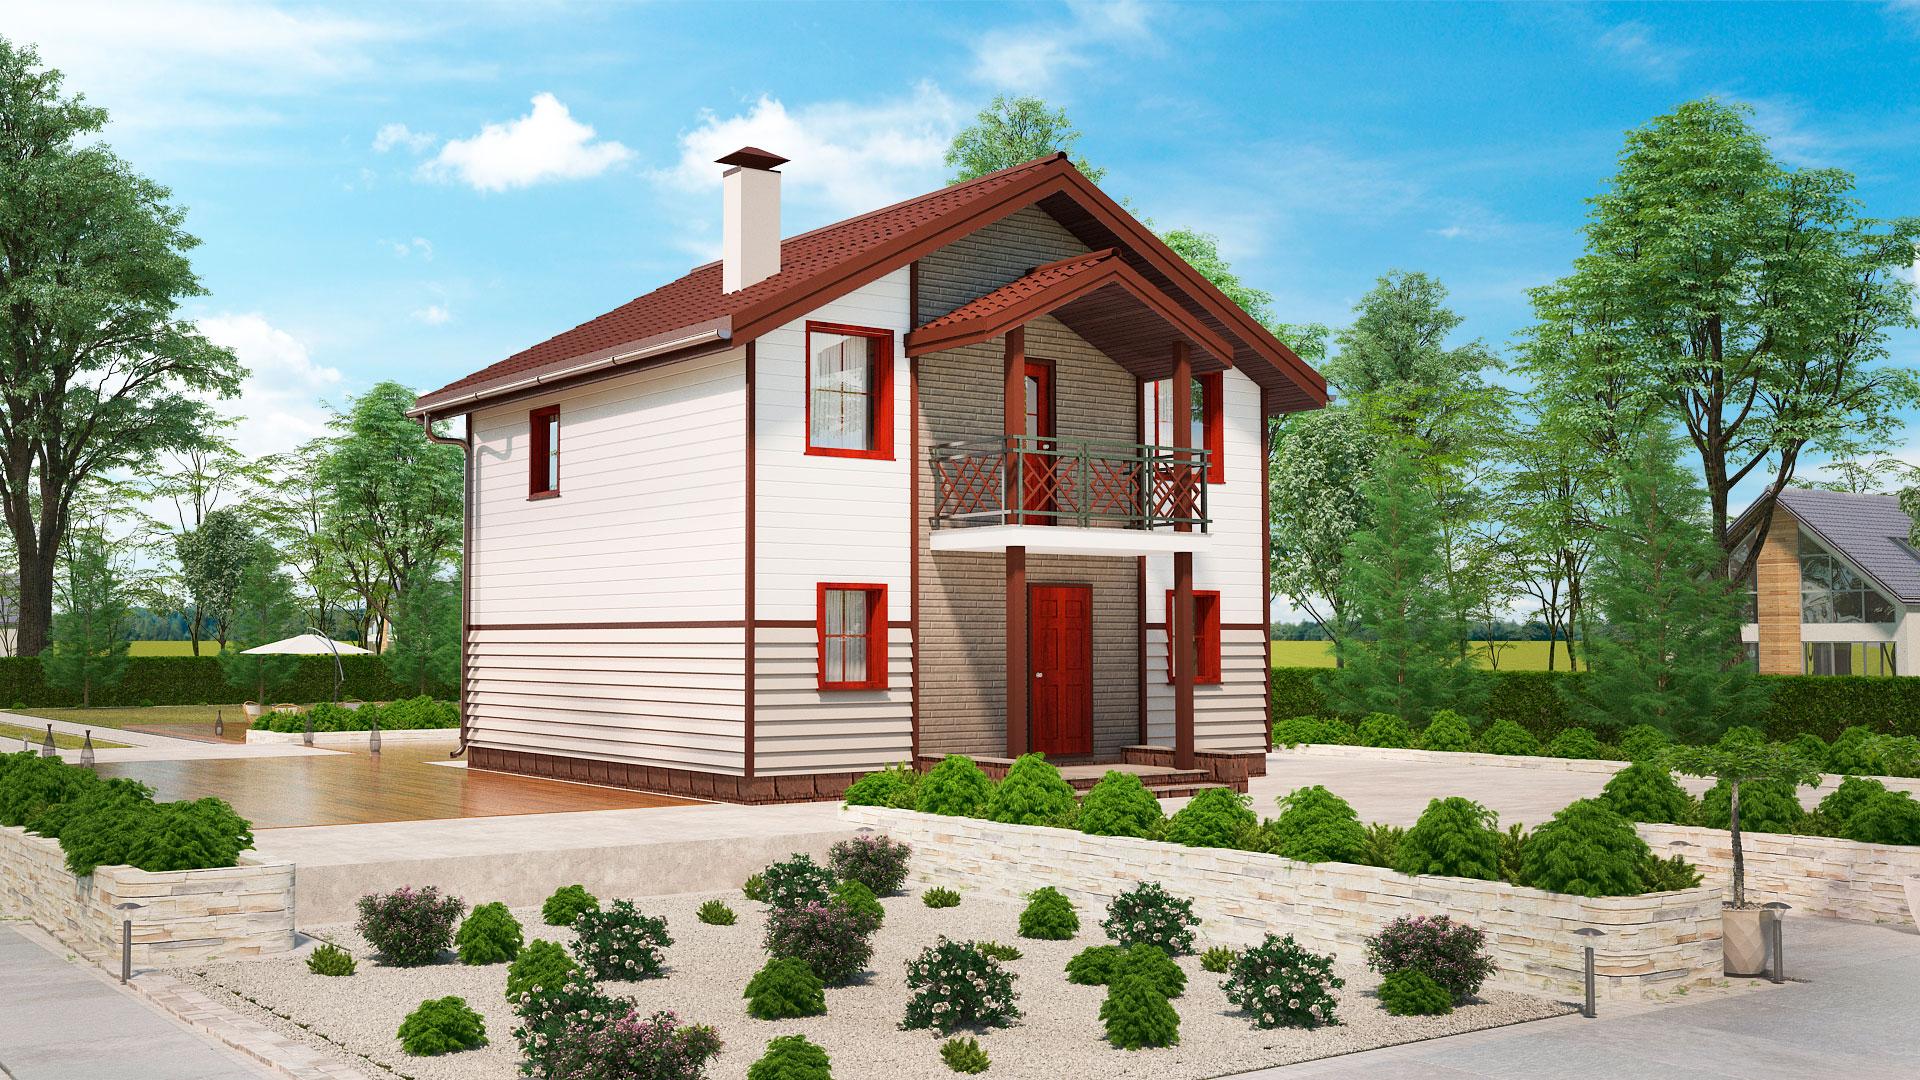 Передний фасад дома 8 на 8 двухэтажного, проект БЭНПАН МС-108.